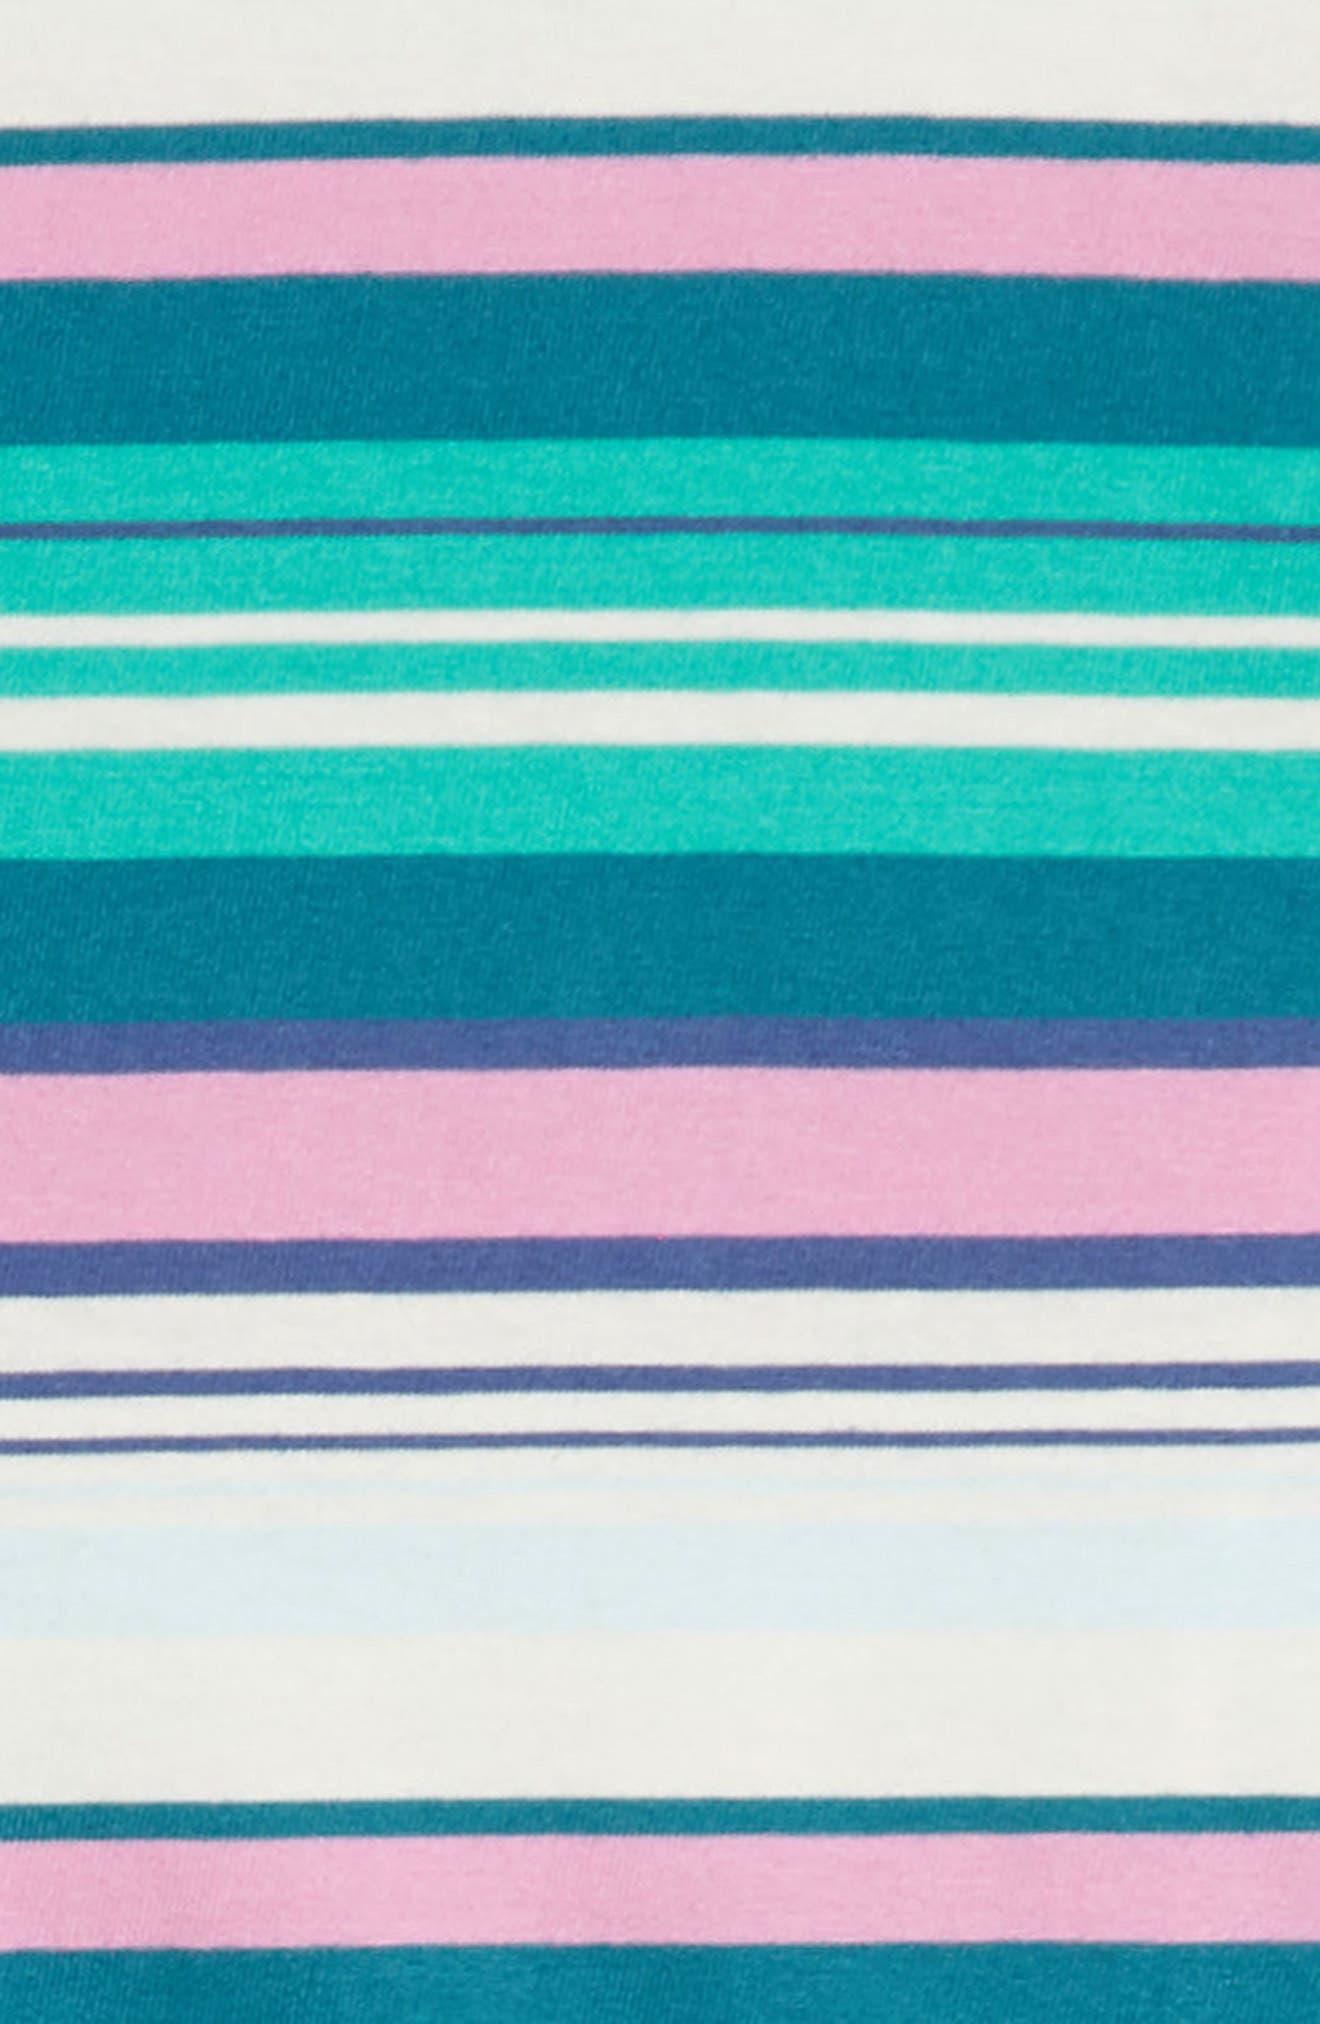 Vibrant Stripe Dress,                             Alternate thumbnail 3, color,                             Scuba